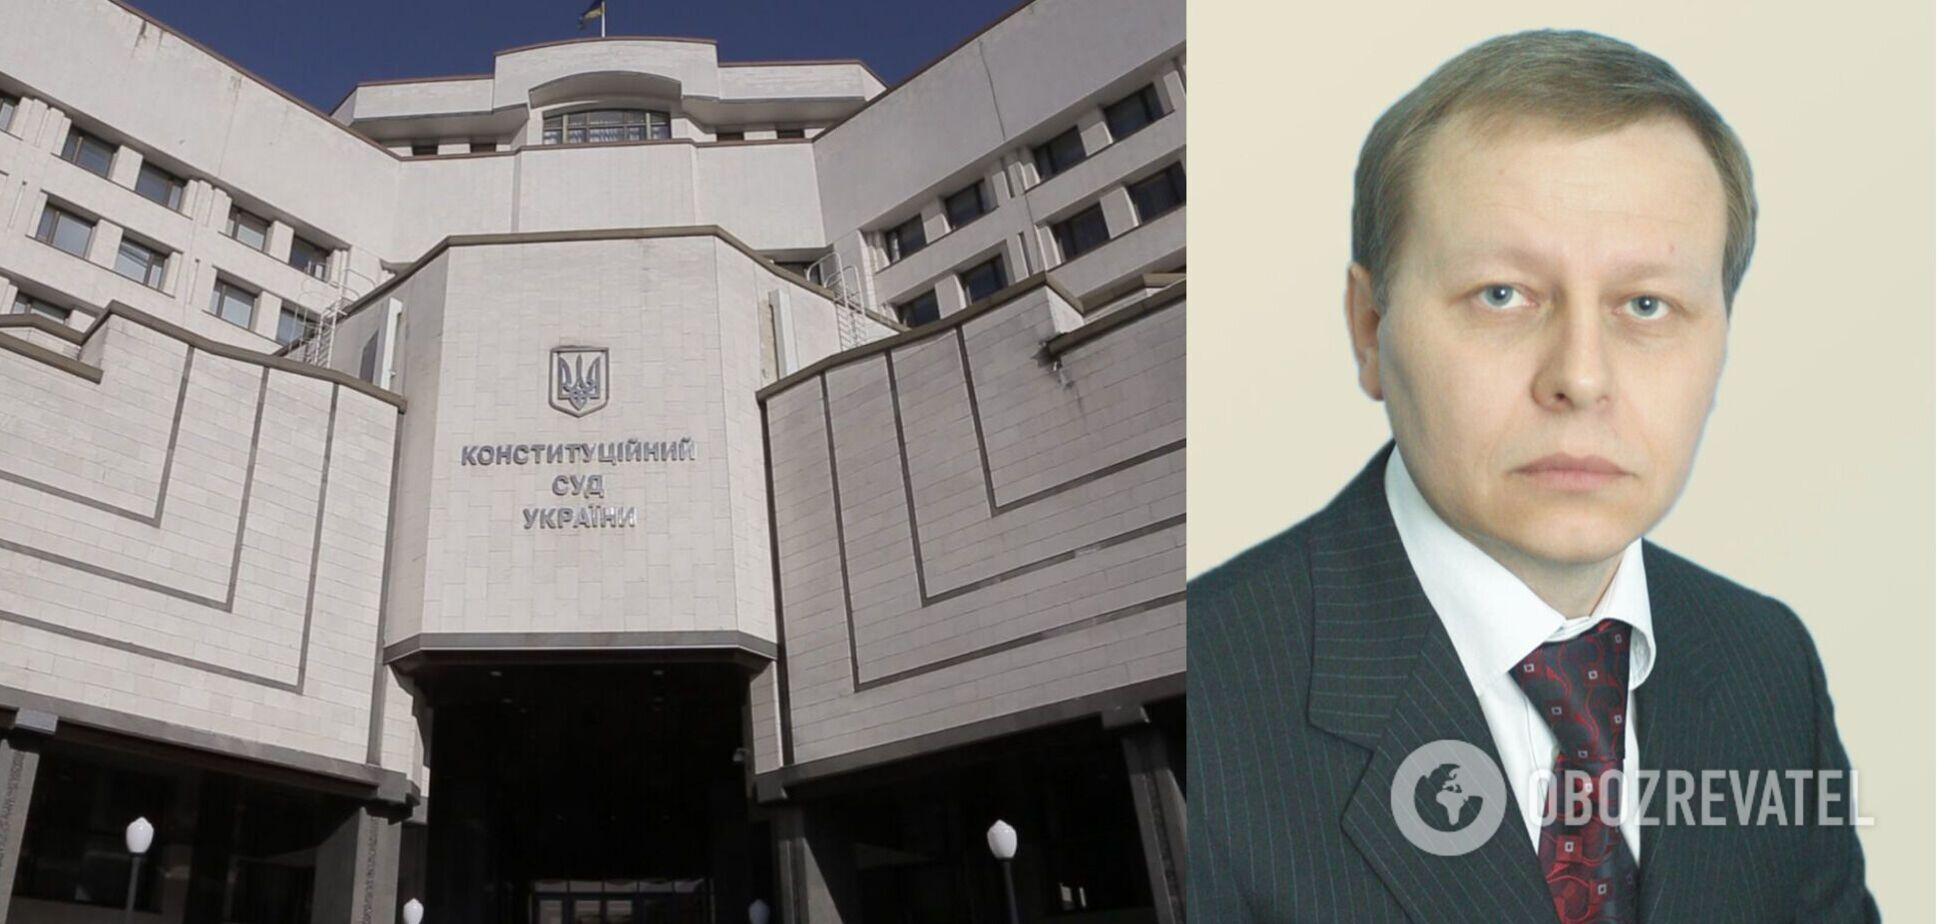 Нардепы назначили нового судью Конституционного суда: факты из биографии